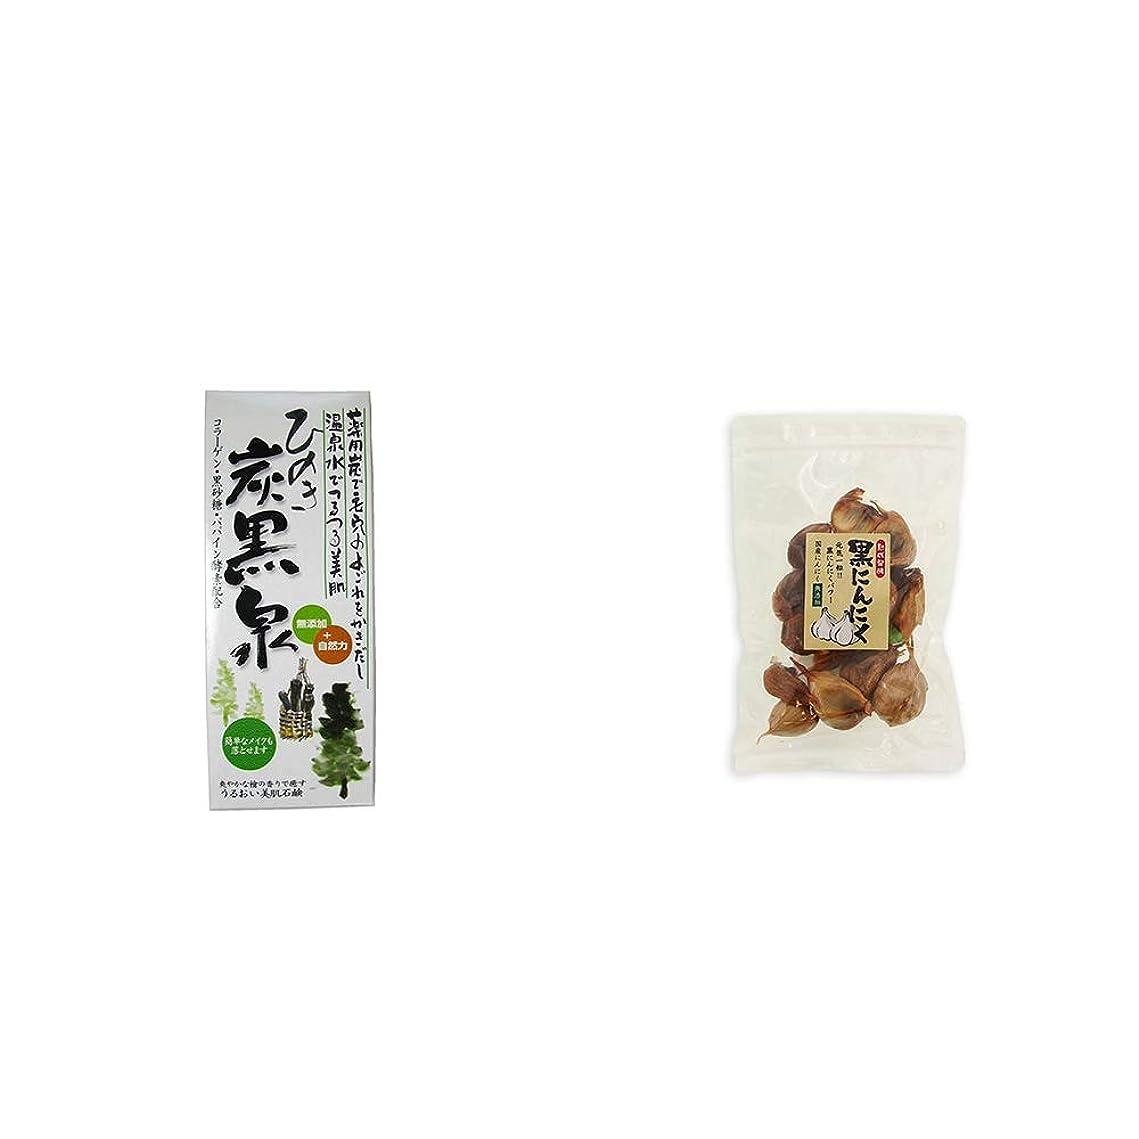 シャンプー正しい検体[2点セット] ひのき炭黒泉 箱入り(75g×3)?熟成発酵 黒にんにく(120g)